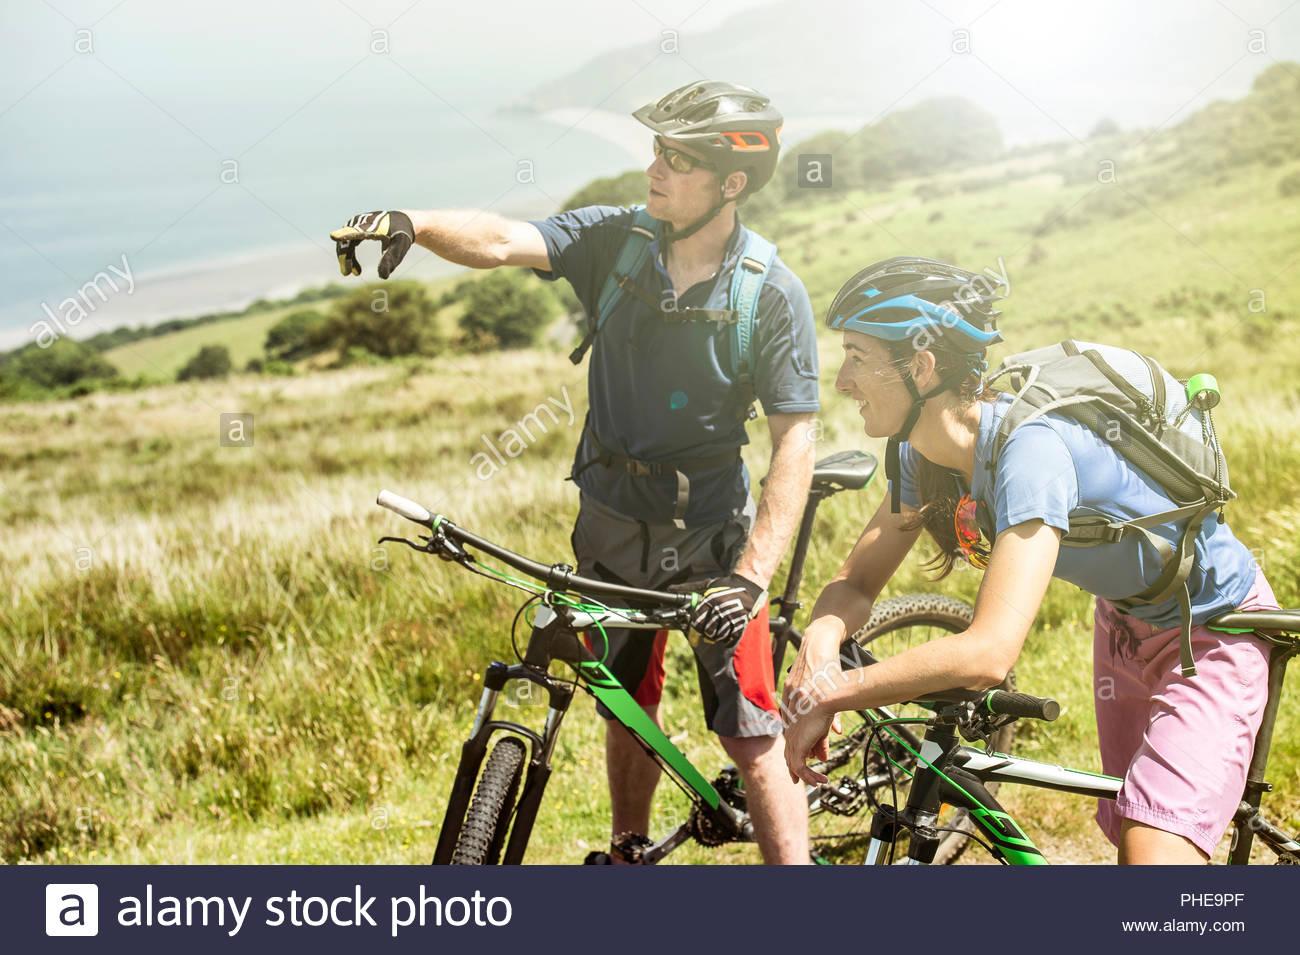 Giovane che indossa caschi da bicicletta sulla collina di Porlock Weir, Inghilterra Immagini Stock